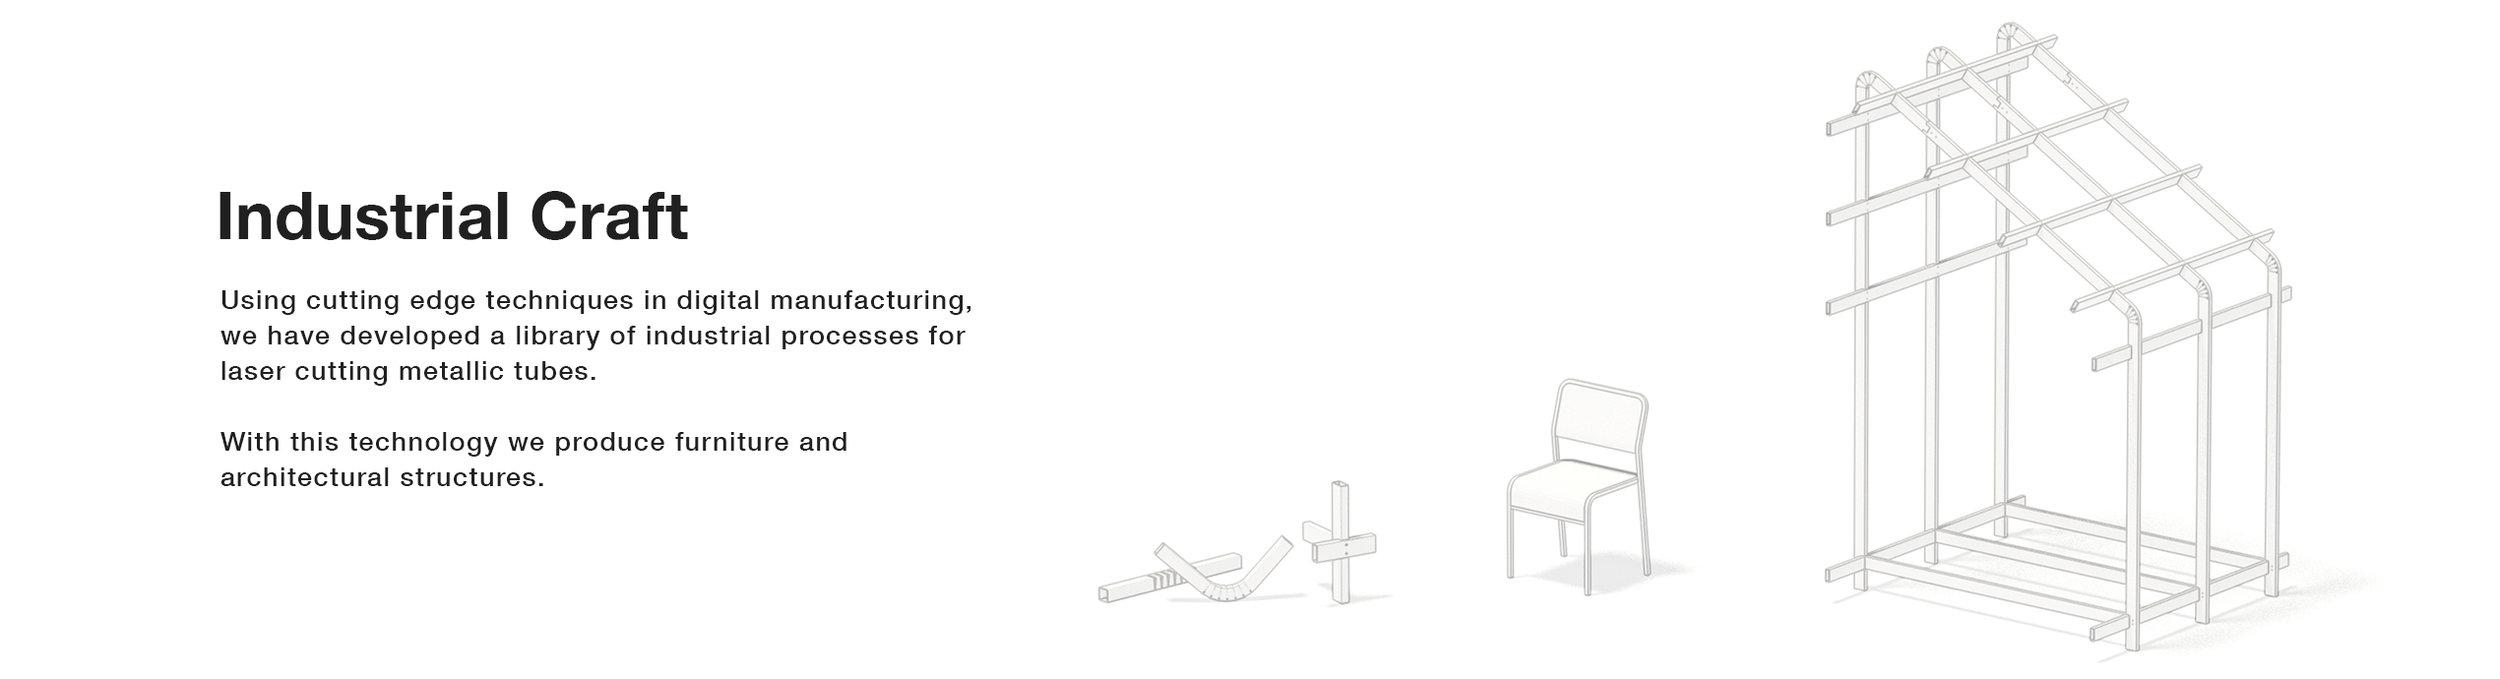 Cutwork, Technology, Concept Narrative 1D.jpg